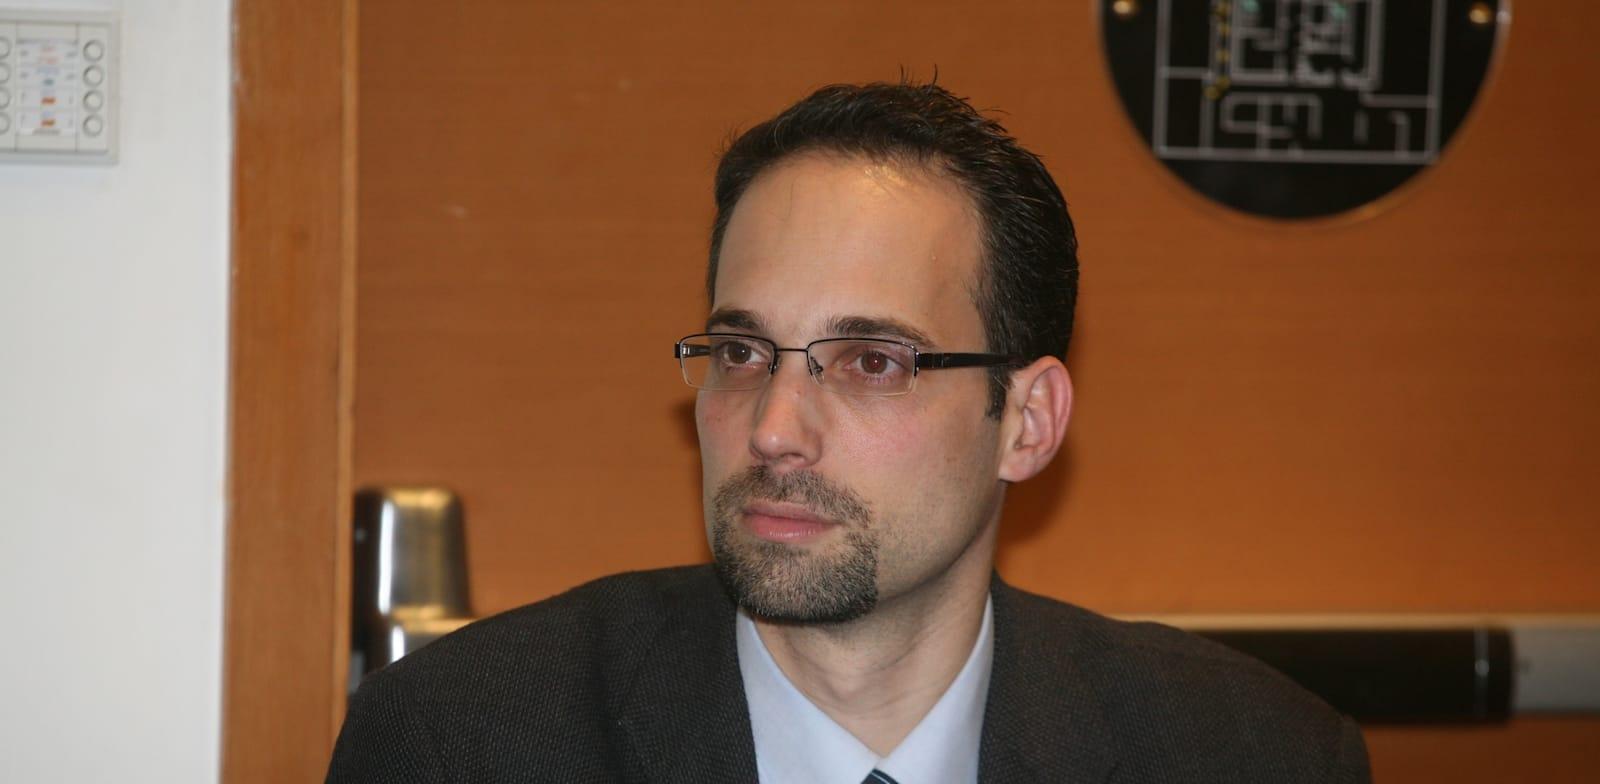 פרופ' רן בליצר, מנהל מכון המחקר של שירותי בריאות כללית / צילום: עינת לברון